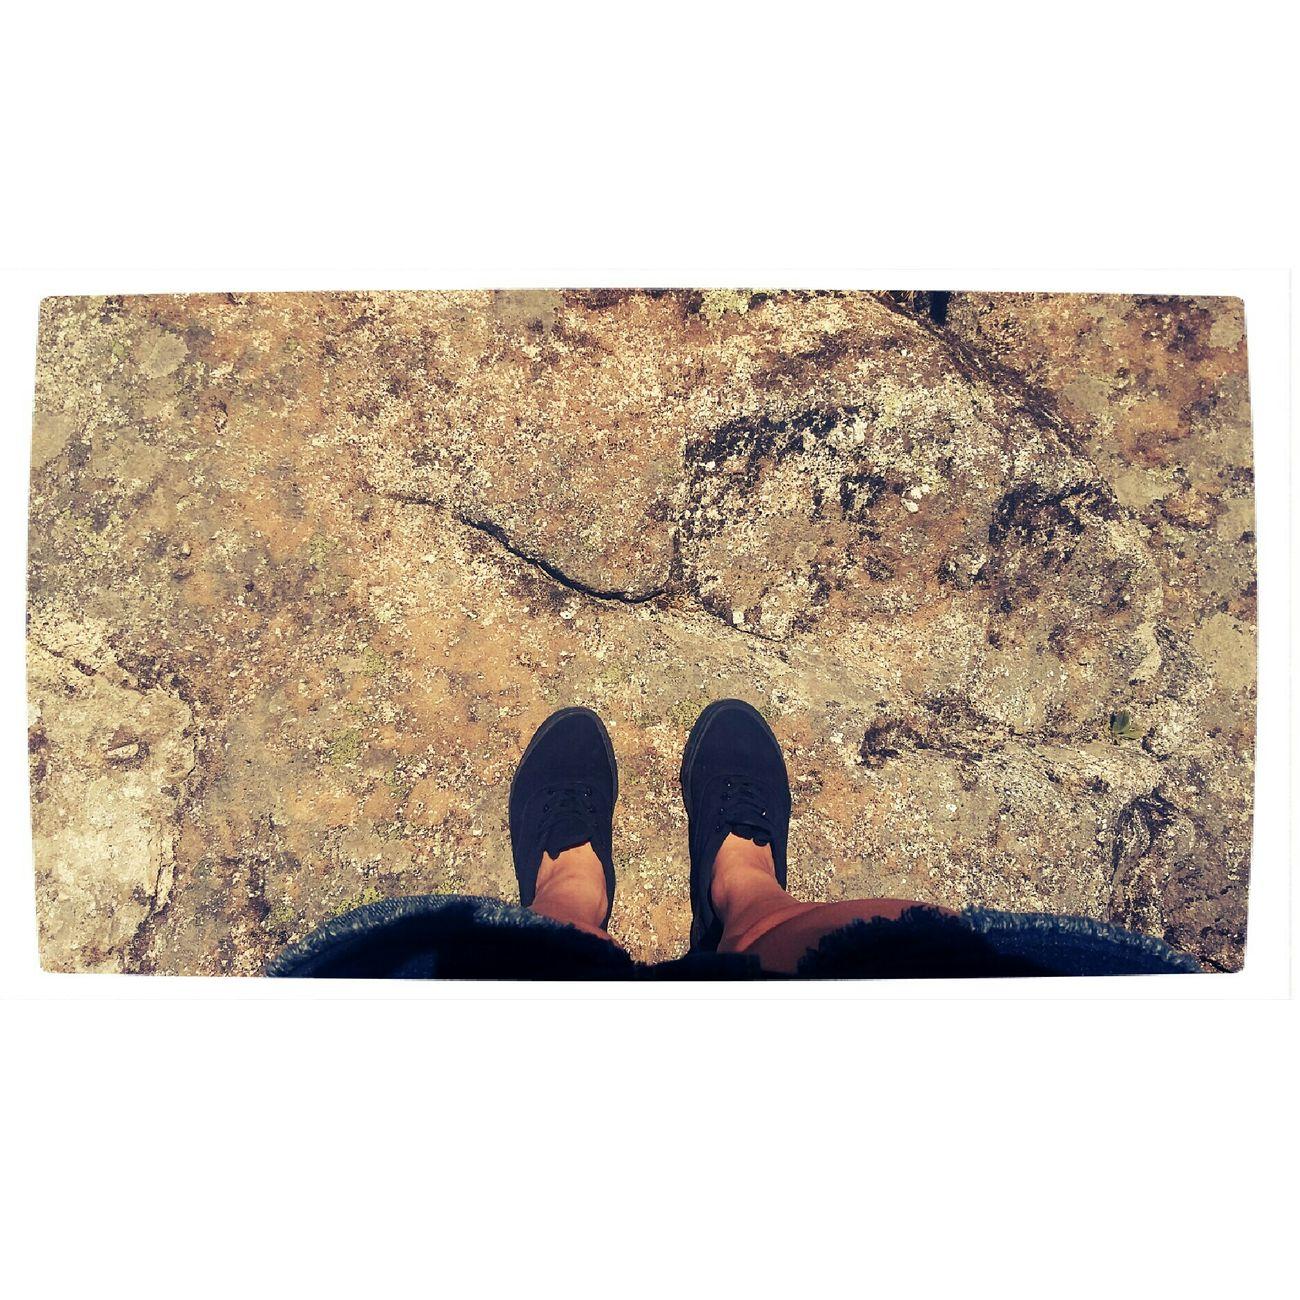 Feetlove Hello World Galapagar Taking Photos Picoftheday Picture Followme Follow4follow Lovephotography  Photography